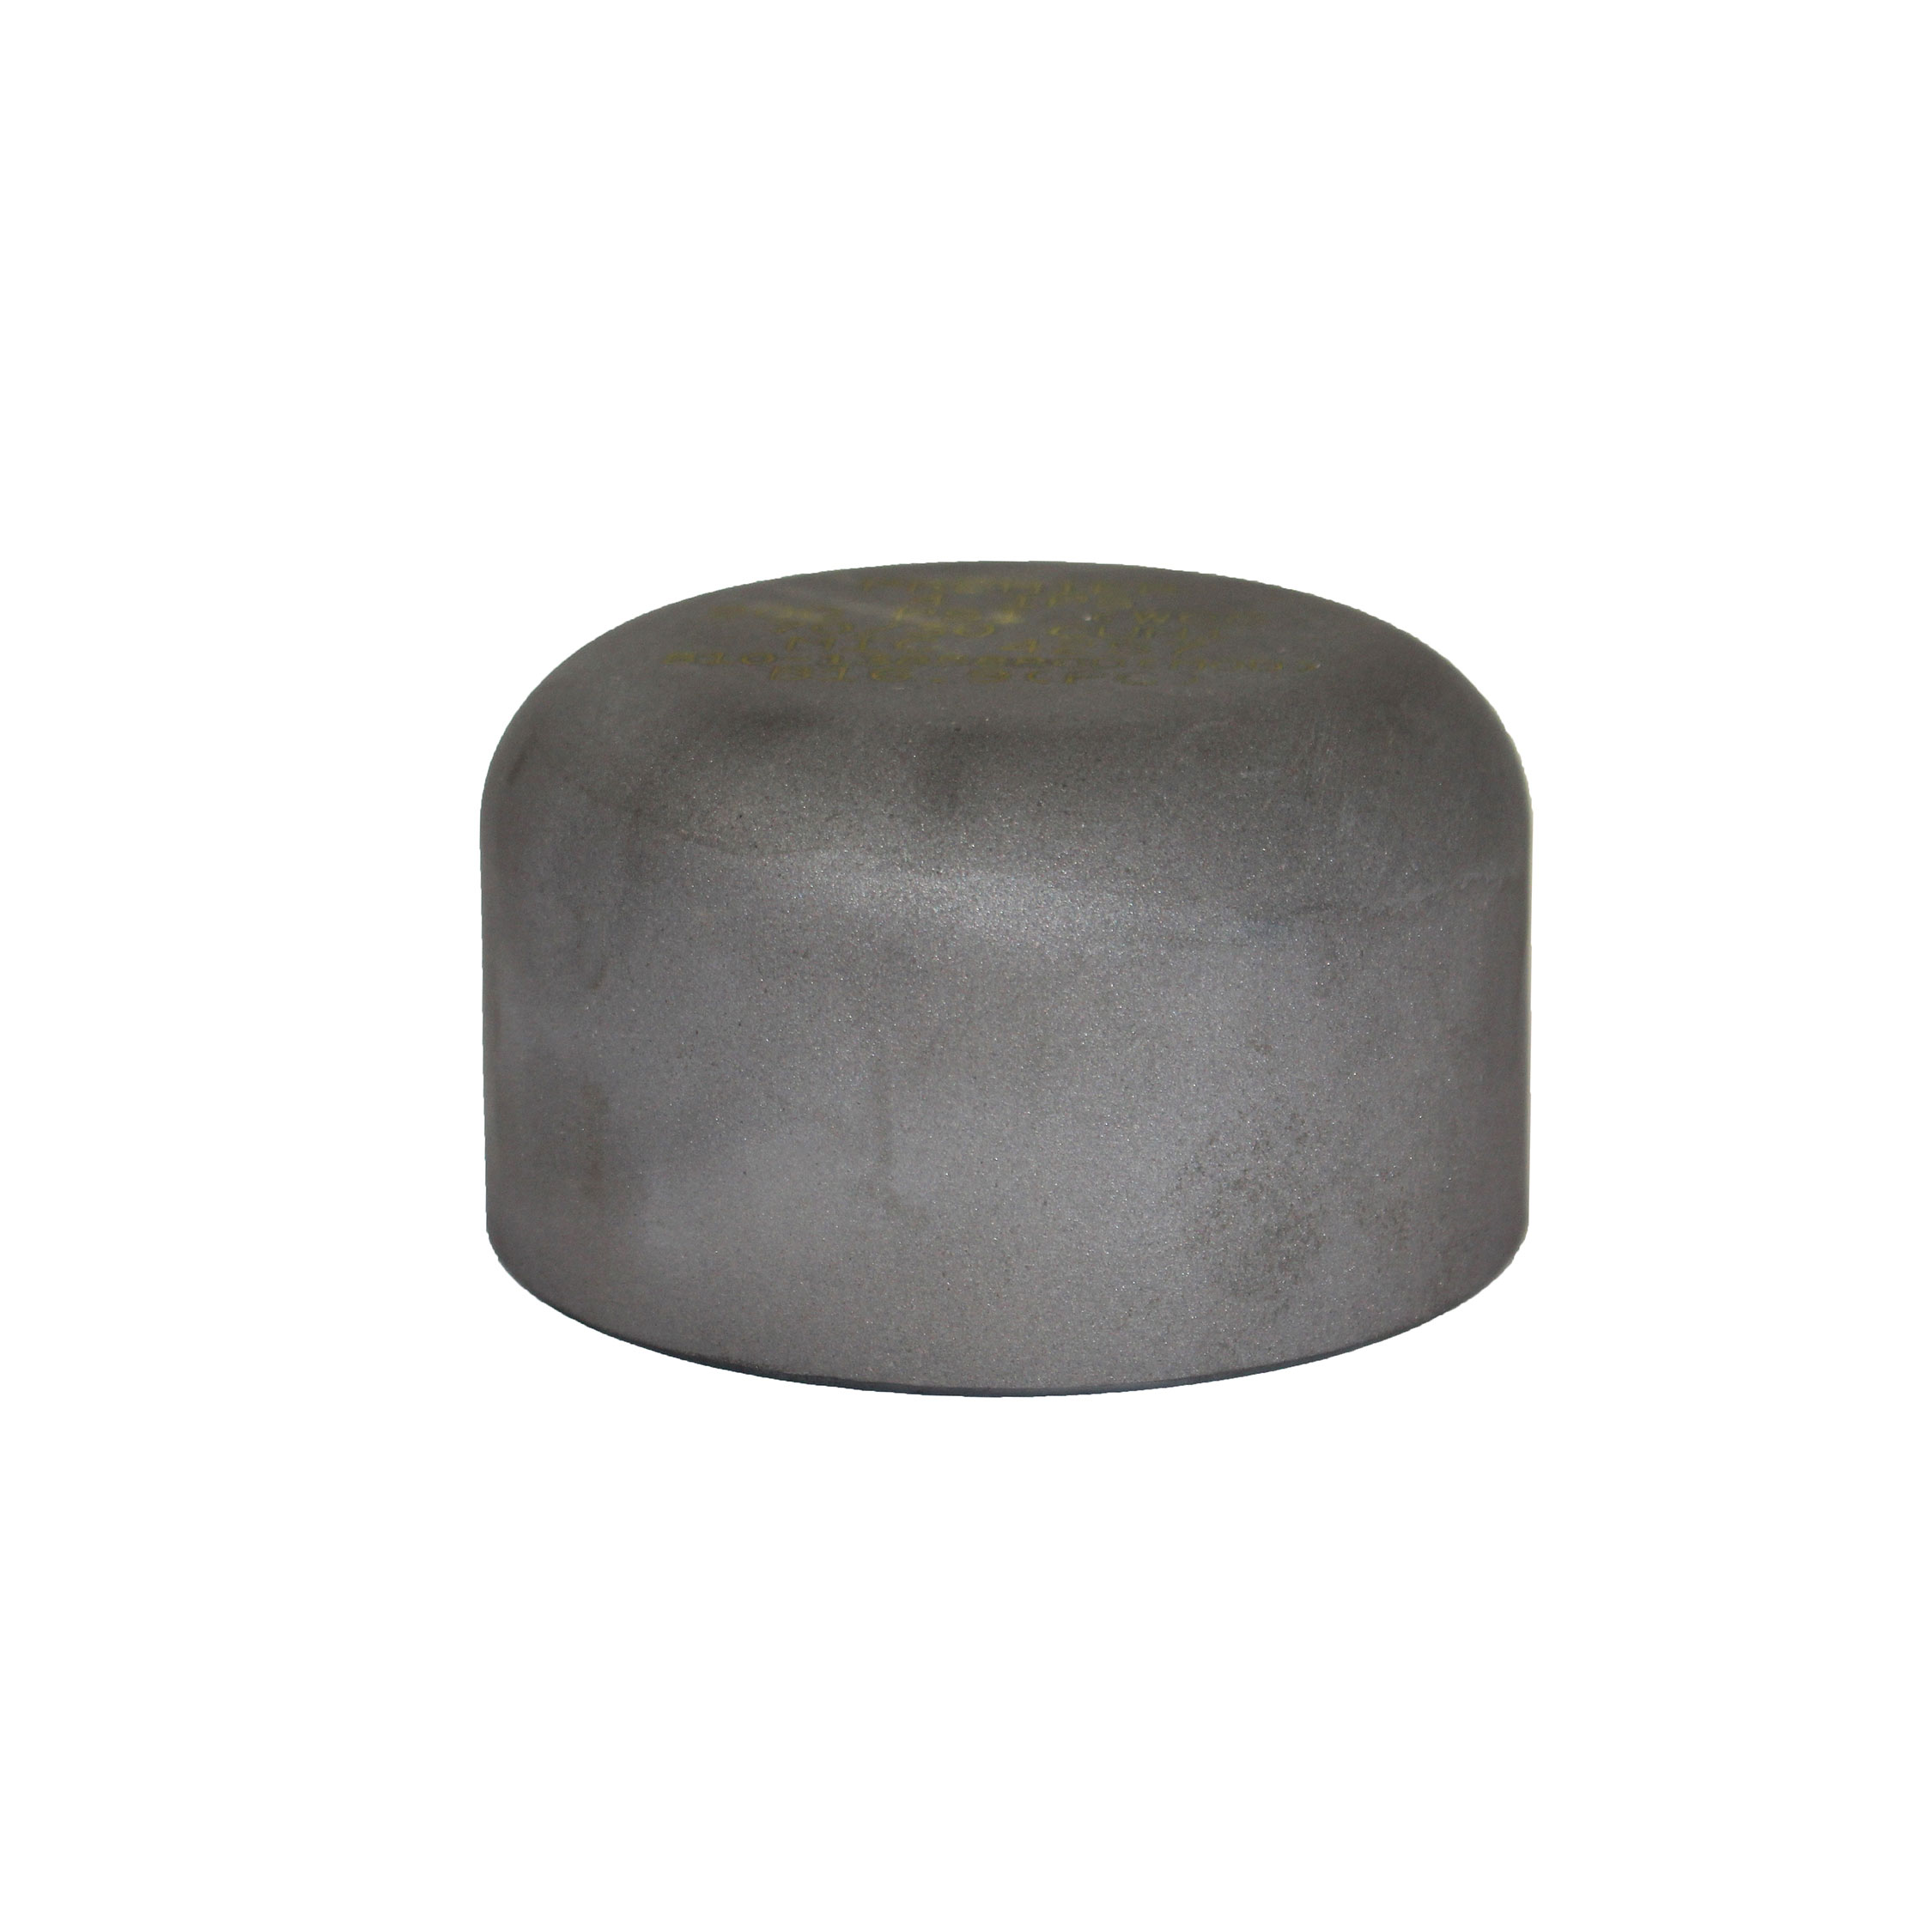 601154-90_10-BW-Cap-CL200.jpg